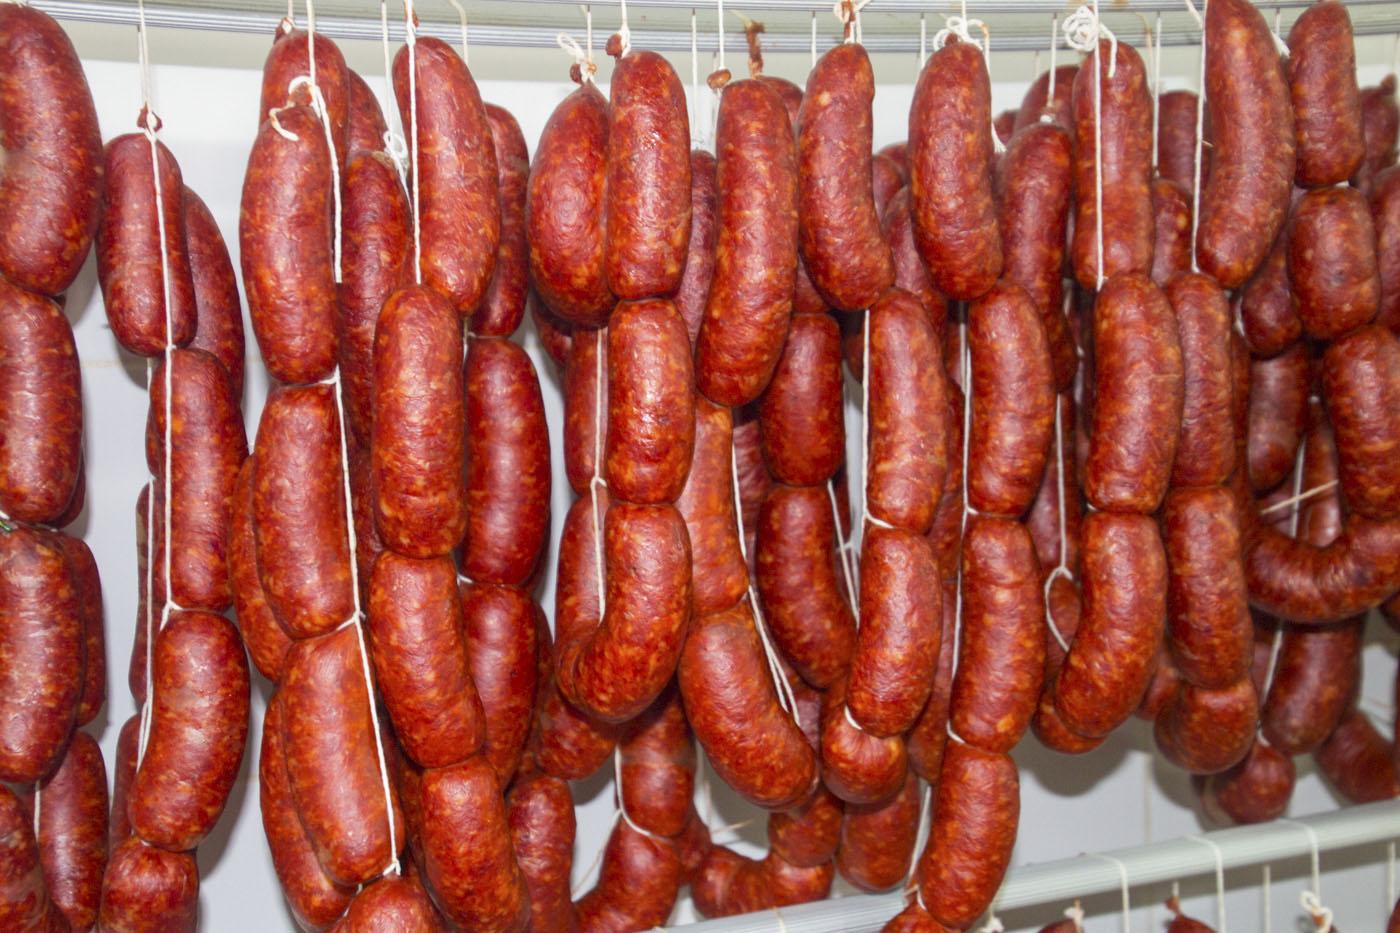 Chorizos de elaboración propia - Carnicería Cosme (Casares)